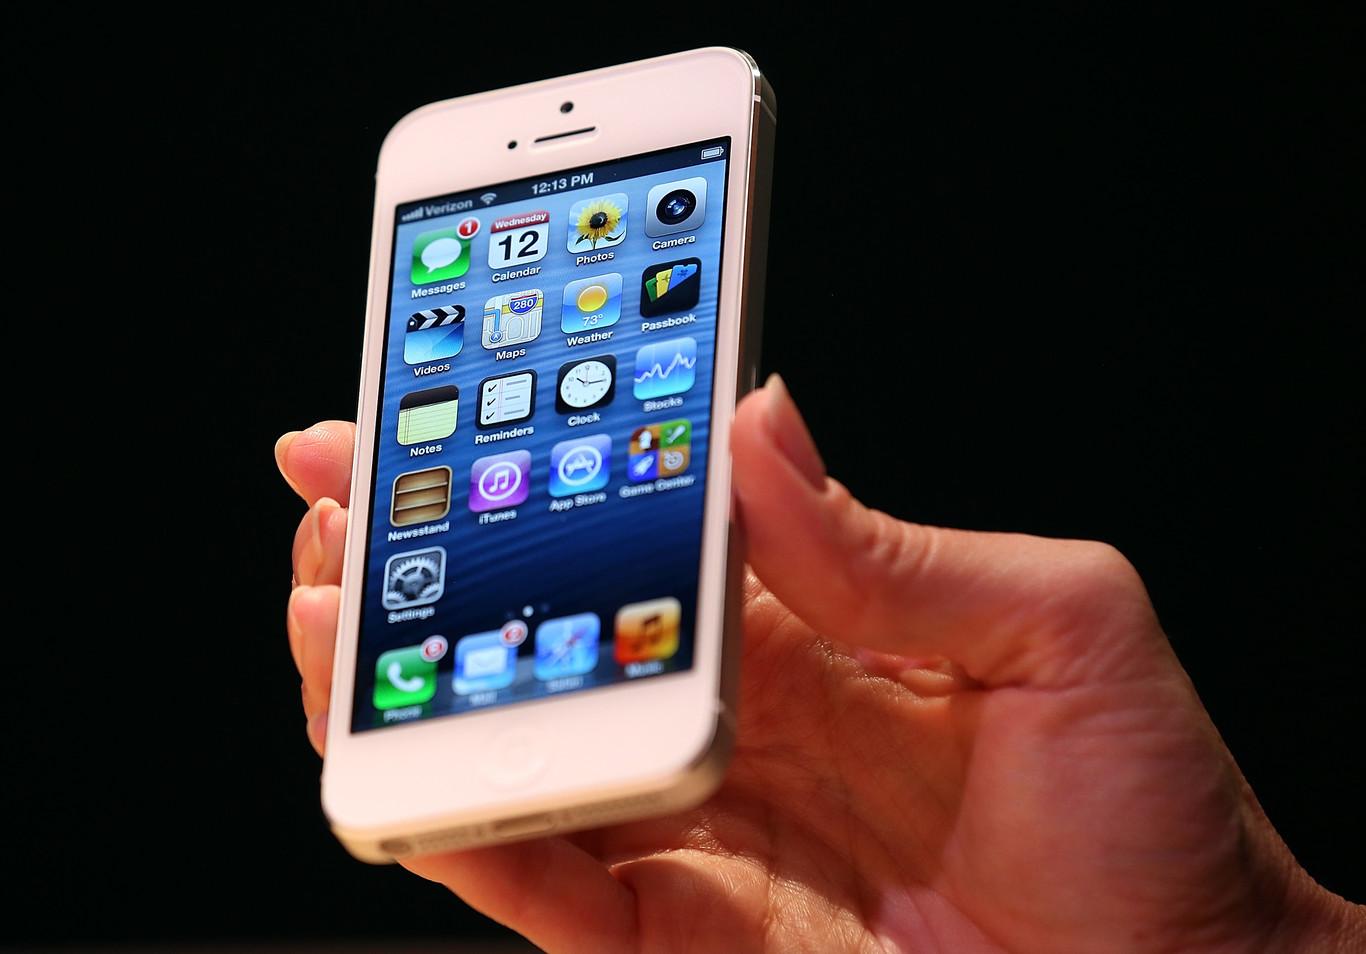 Los iPhone 5 morirán el 3 de noviembre: se quedarán sin App Store, iCloud y correo, a menos que tengan esta...